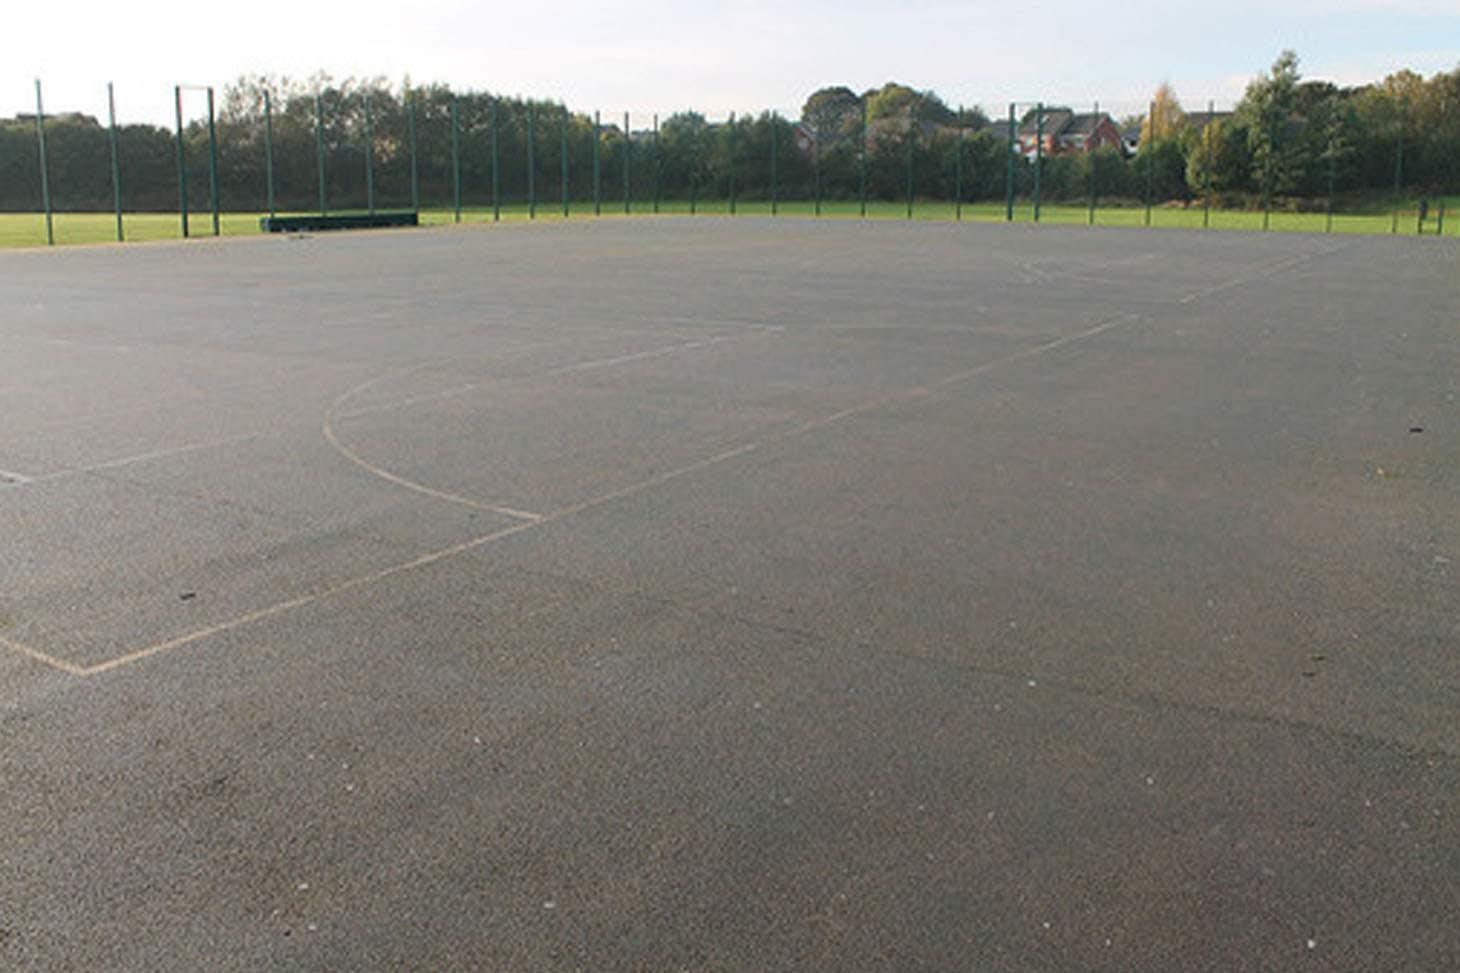 St. James's C of E High School Outdoor   Hard (macadam) netball court